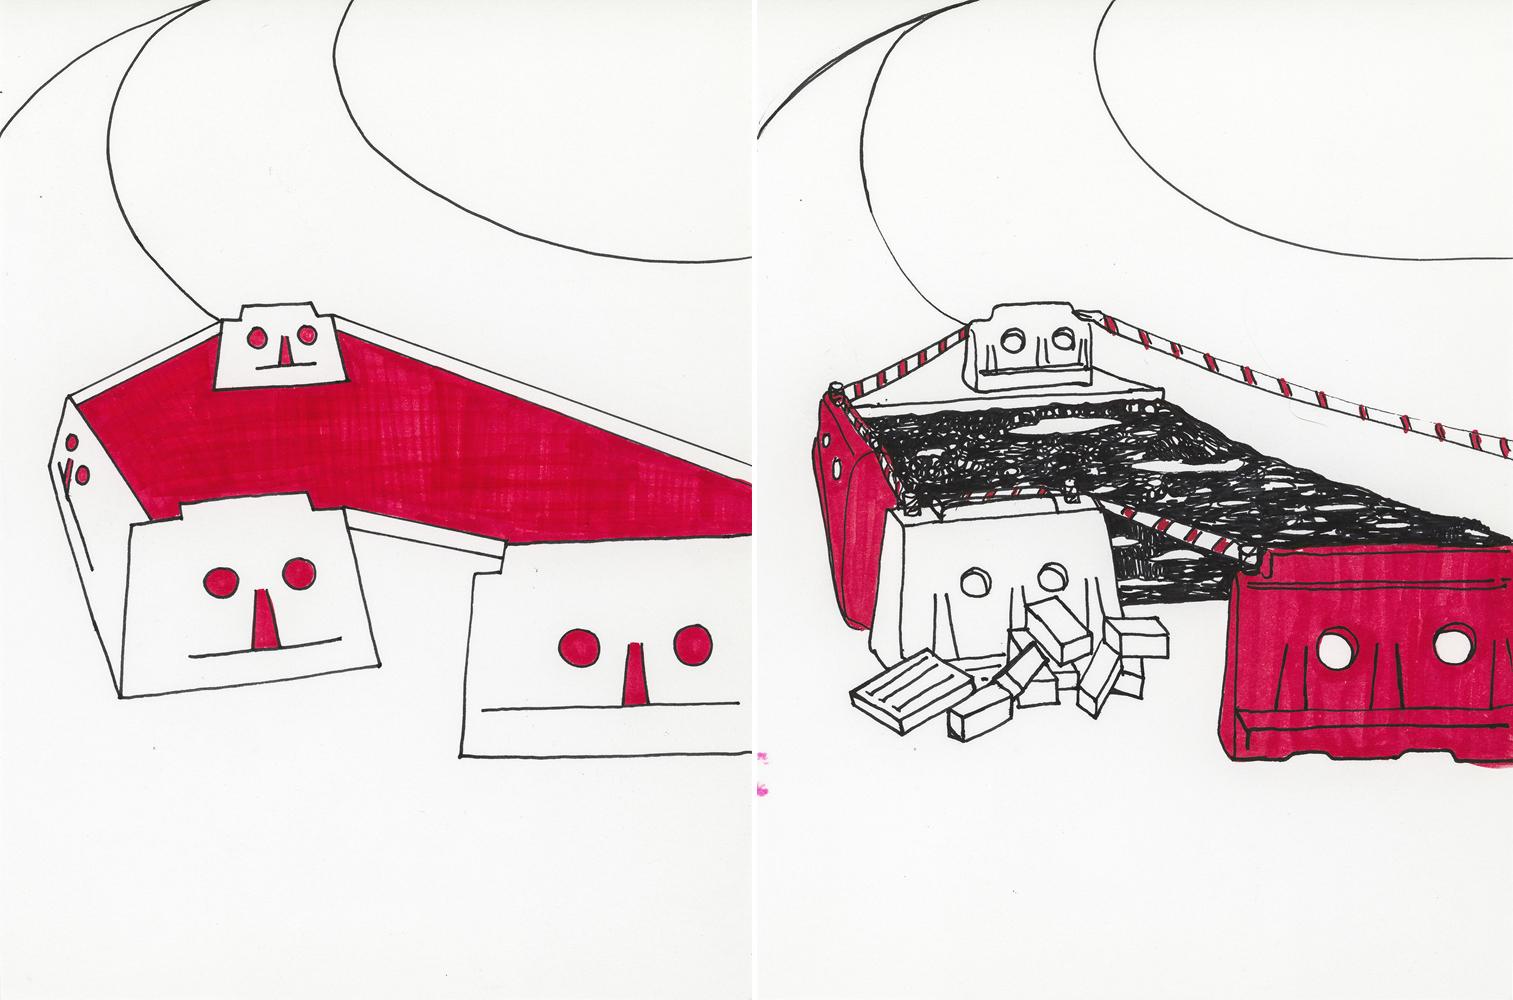 답 없는 공간_근사한 악몽_2 times, 2015, 19.5x14.5cm, pen, marker on paper